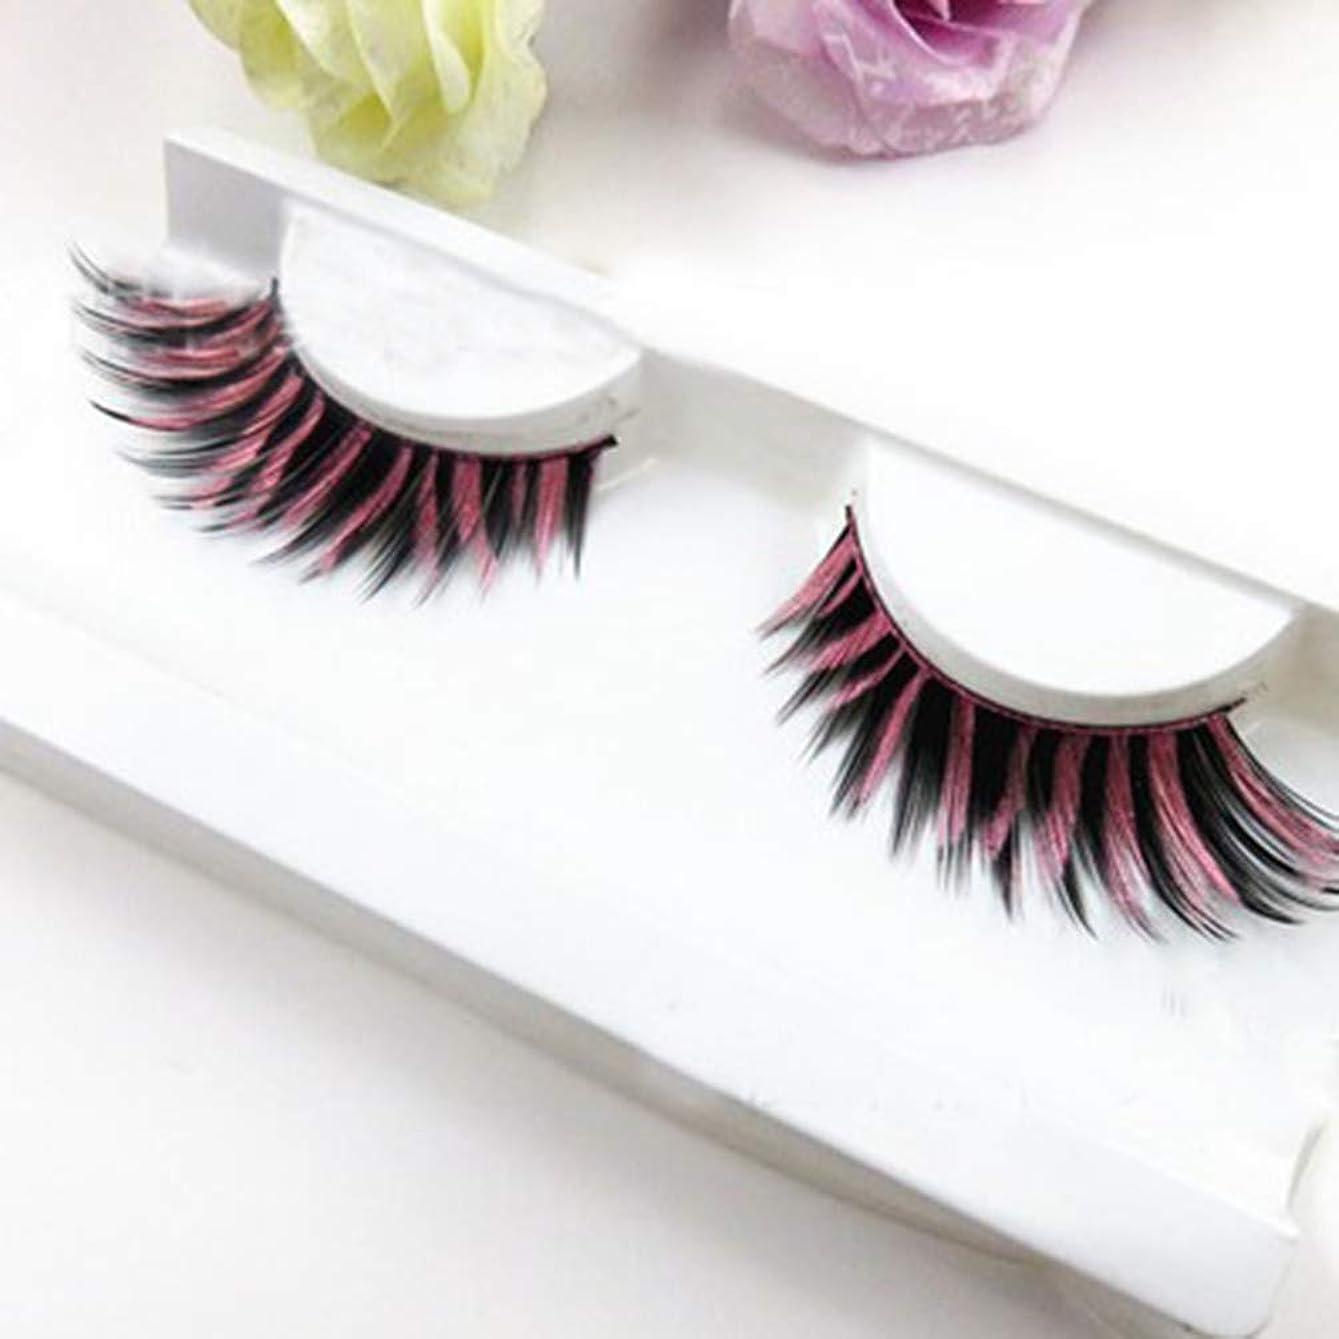 (ライチ) Lychee (ライチ) Lychee 2ペアはいり つけまつげ ピンク色 混色 色つき 濃密 柔らかい 誇張 欧米スタイル ふんわりロング 手作り パーティー用 ステージメイク 長持ち